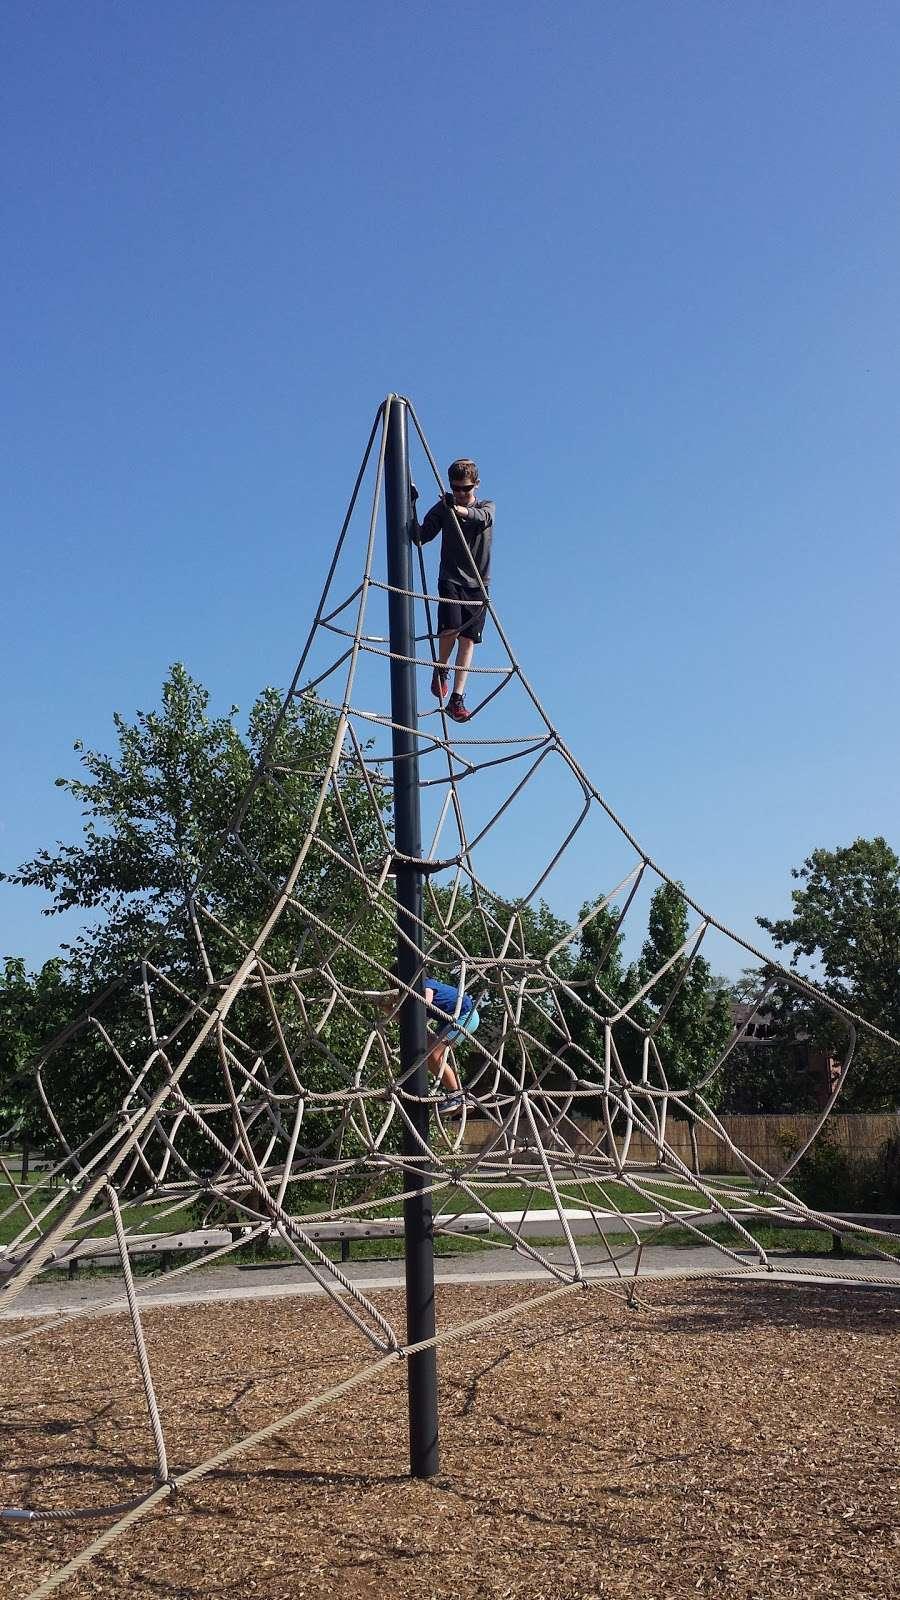 Hammock Grove Play Area - park  | Photo 5 of 10 | Address: New York, NY 10004, USA